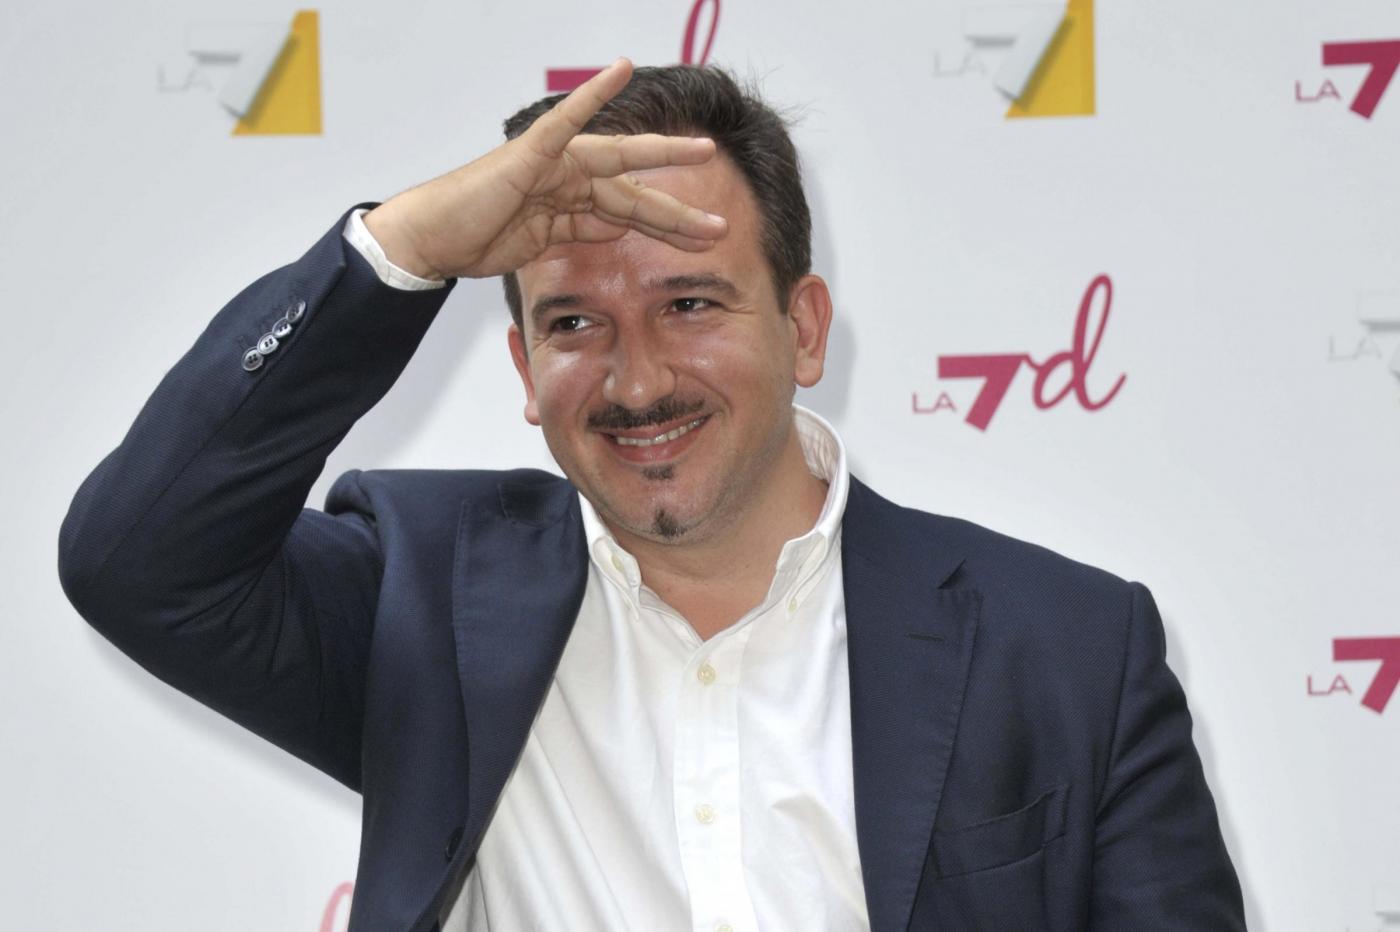 Luca Telese attacca Aldo Grasso su Twitter: 'È un grasso bilioso mistificatore'